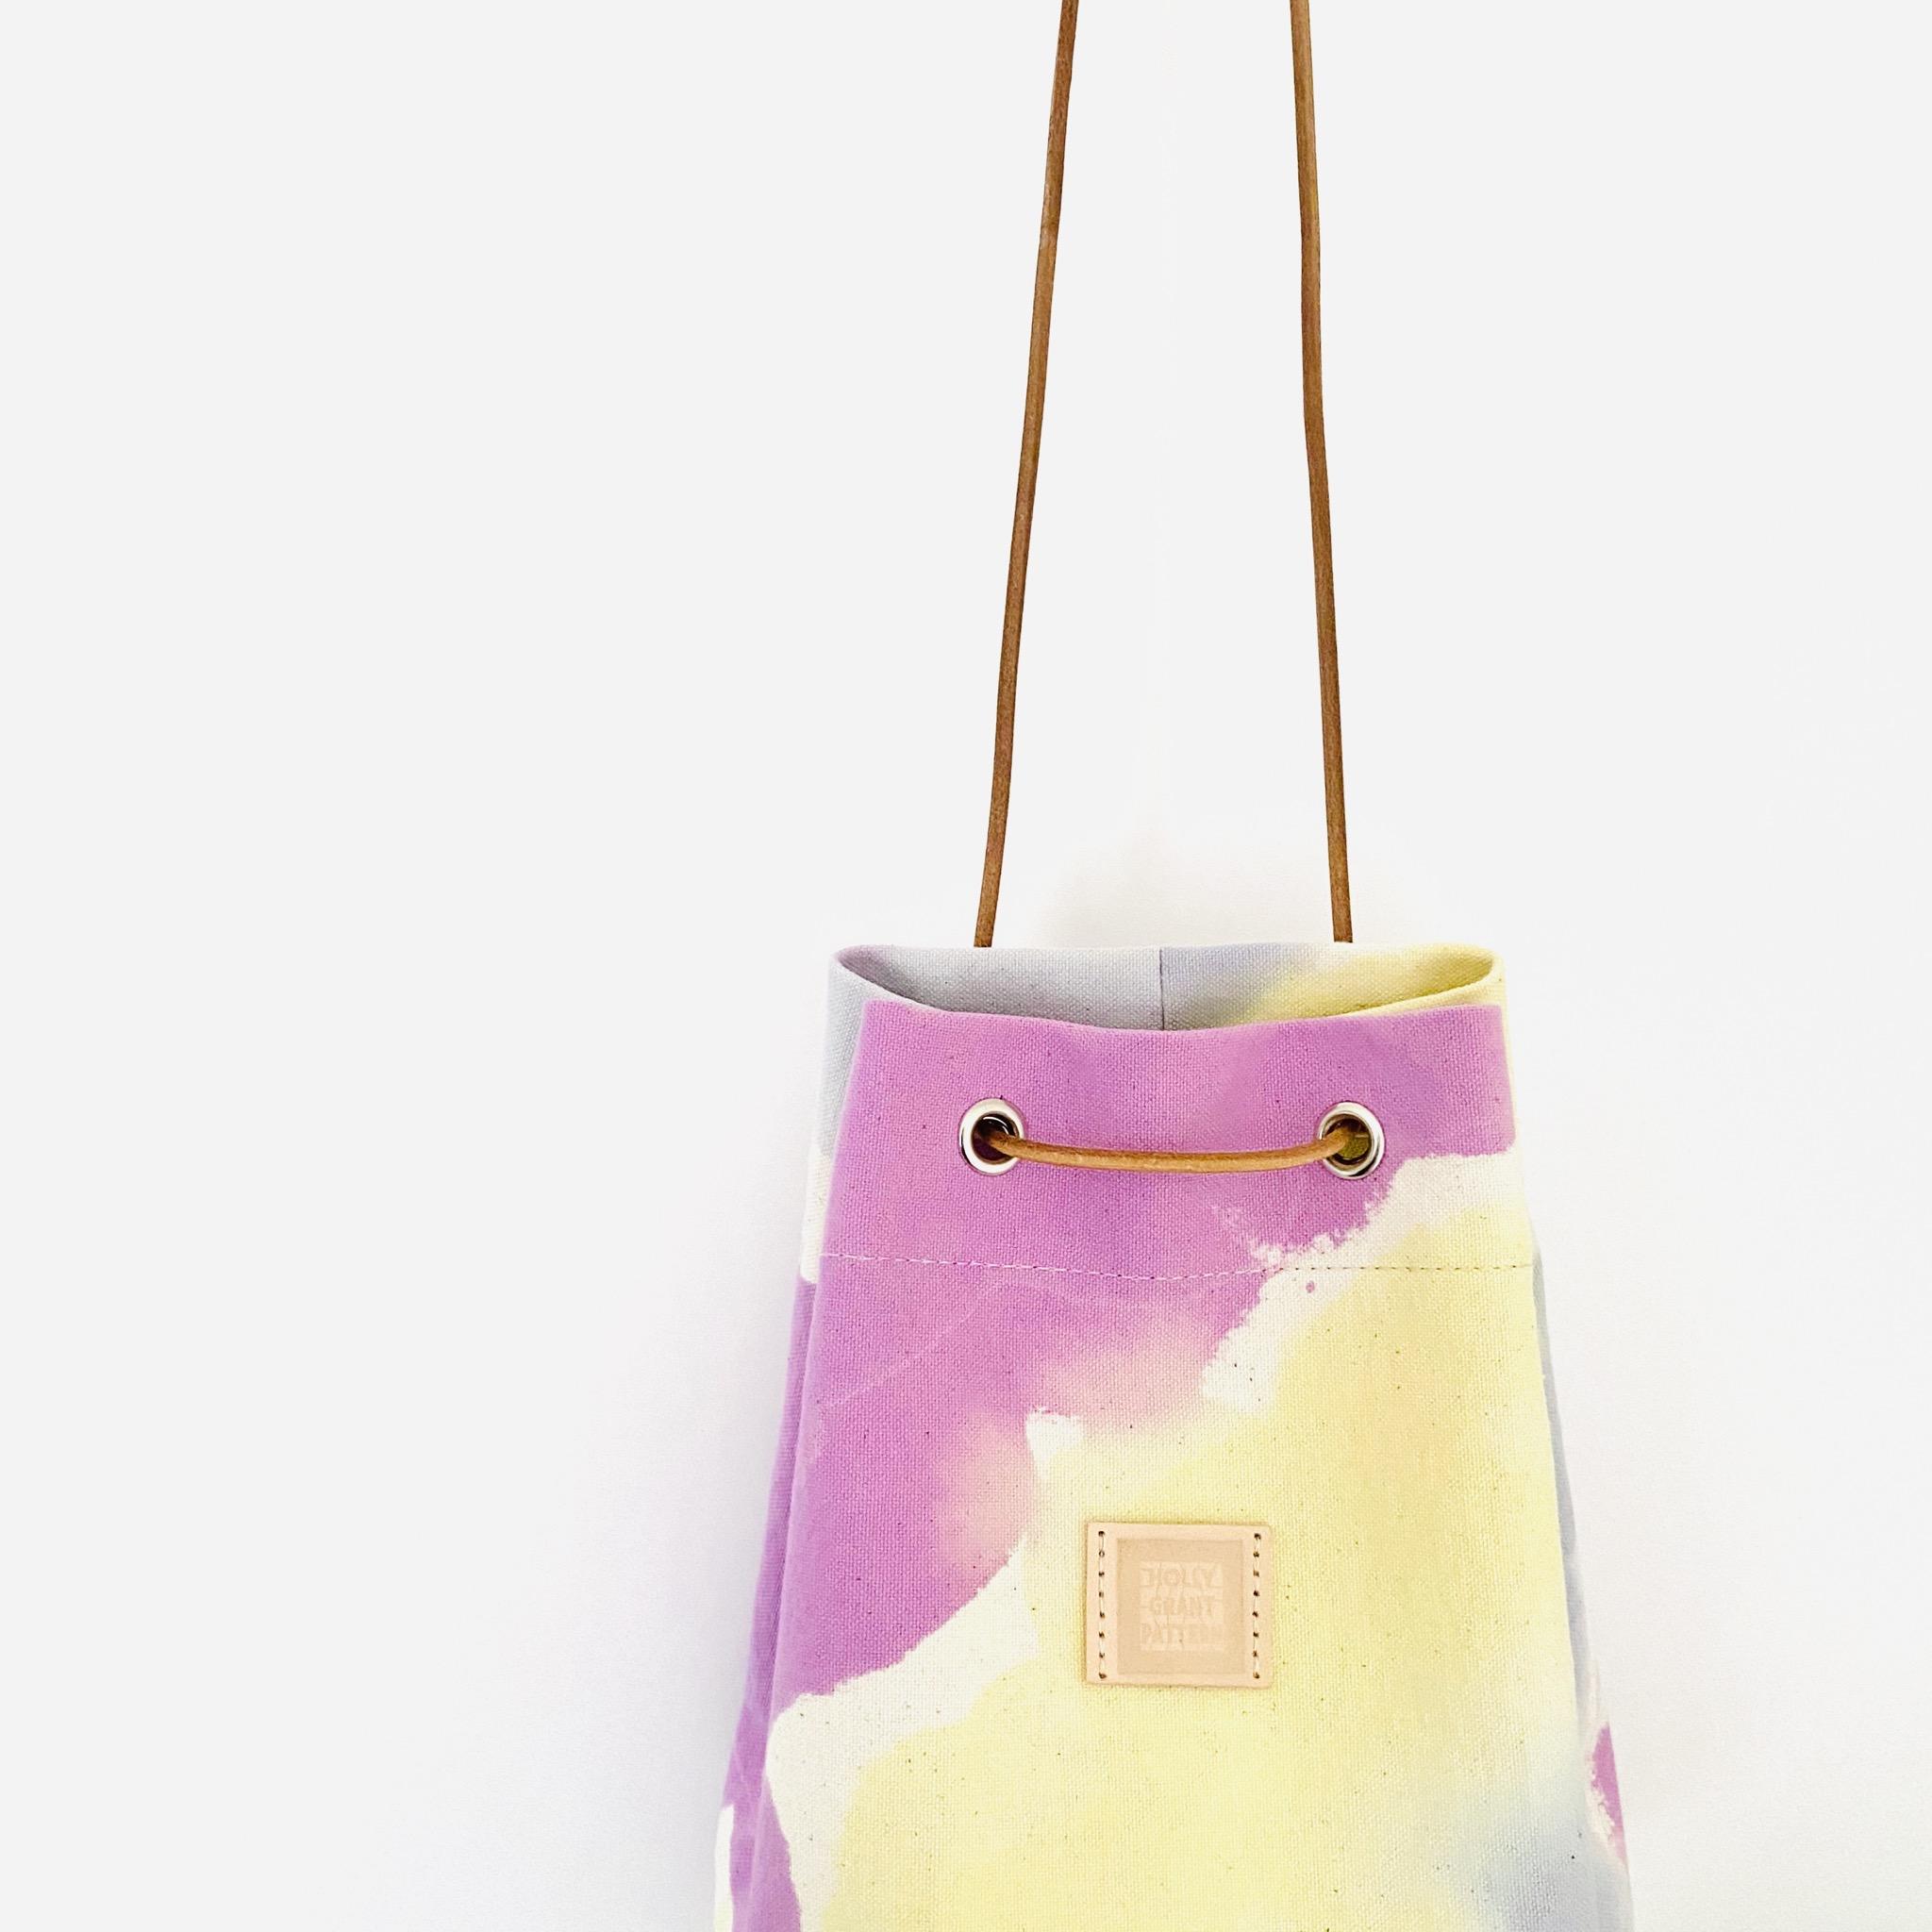 新作のハトメ巾着バッグ、発売開始してます!